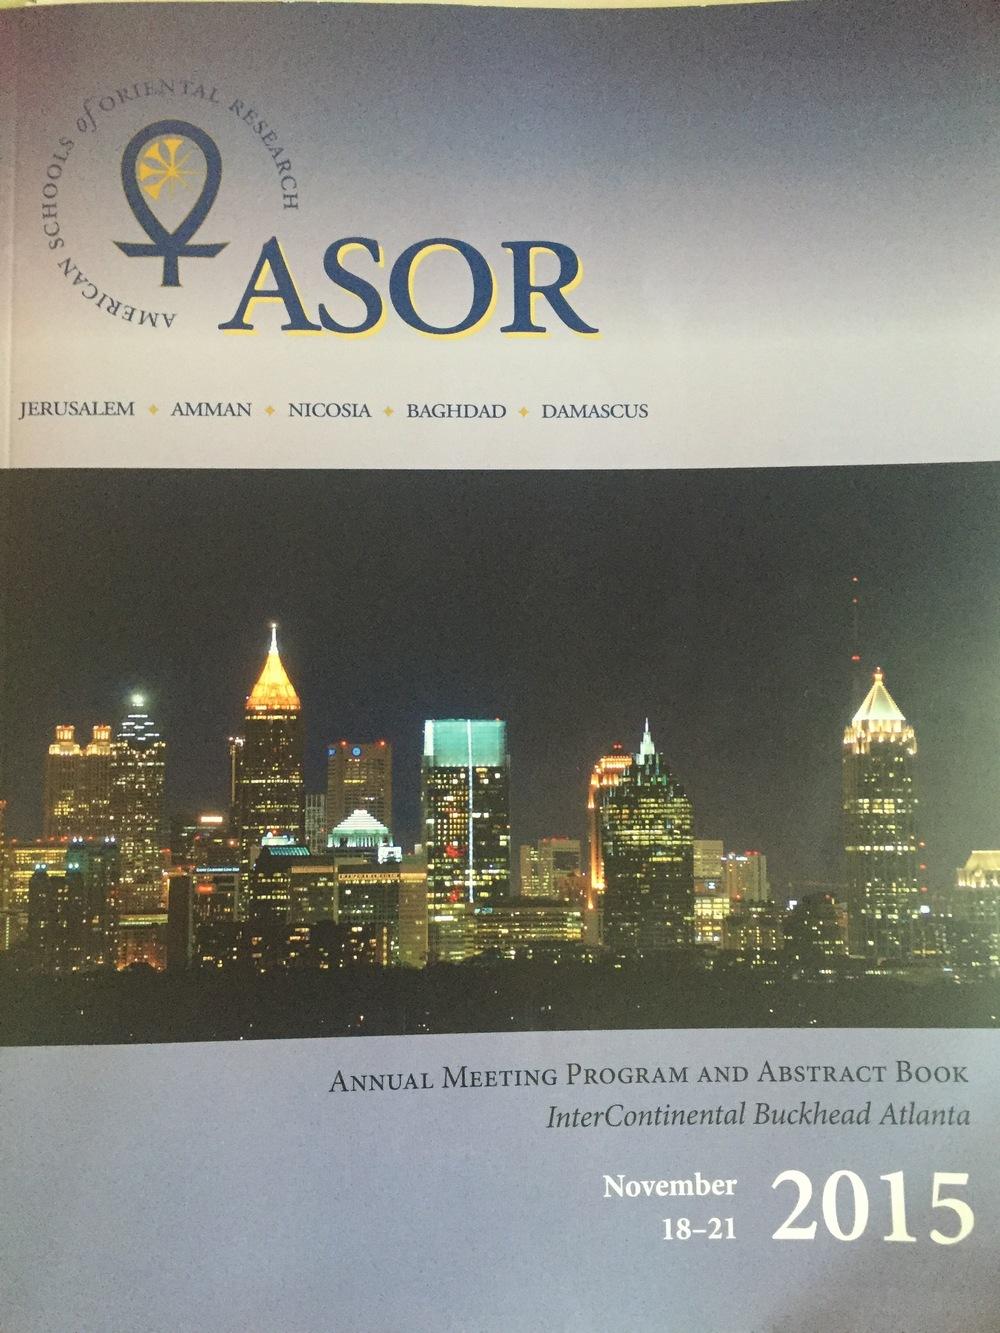 ASOR 2015 program